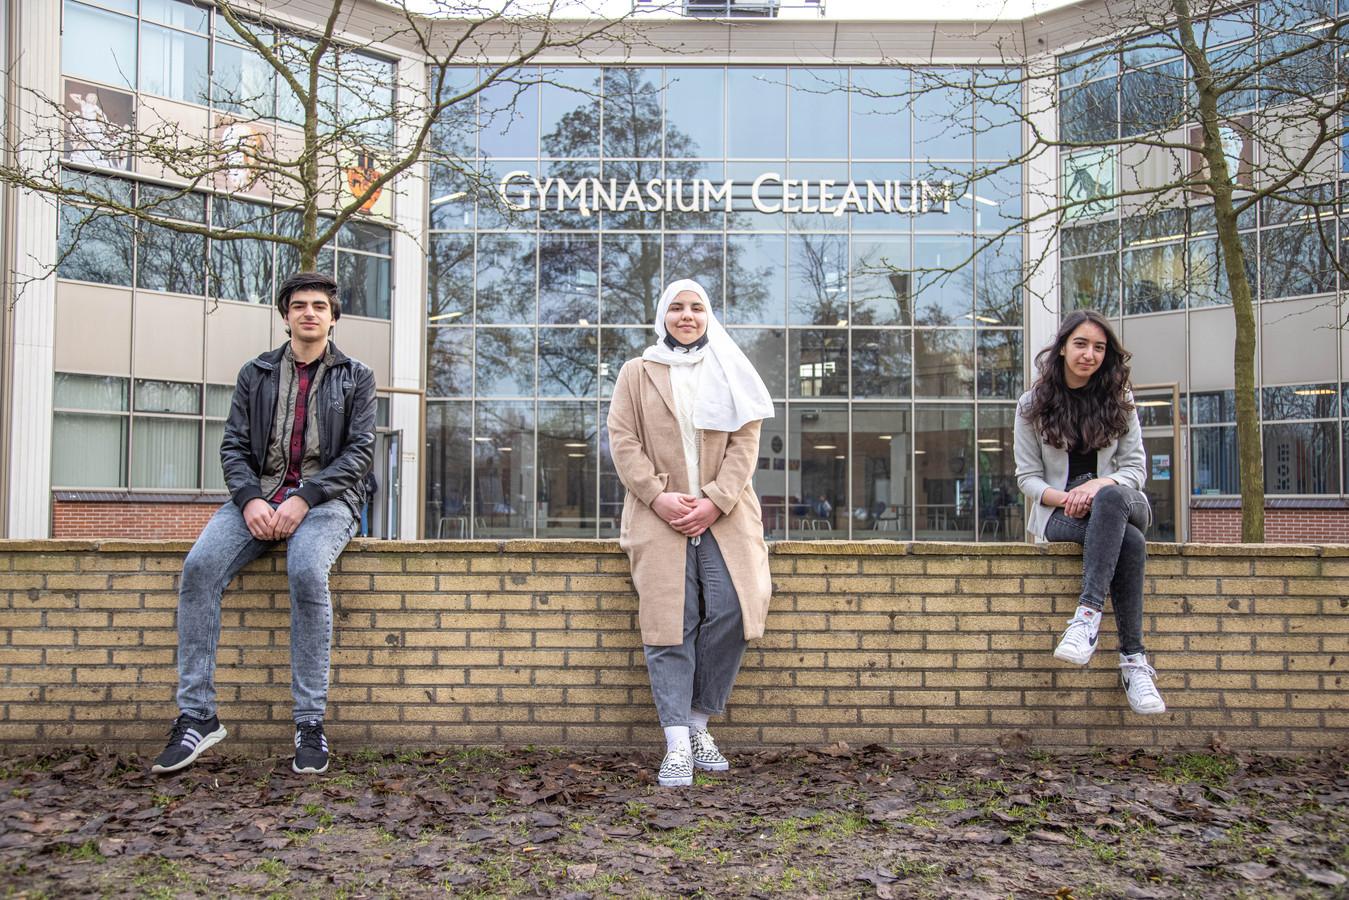 Van links naar rechts: Hamza Al Ryabi, Dana Alkarrad en Nirmien Al-Taher.